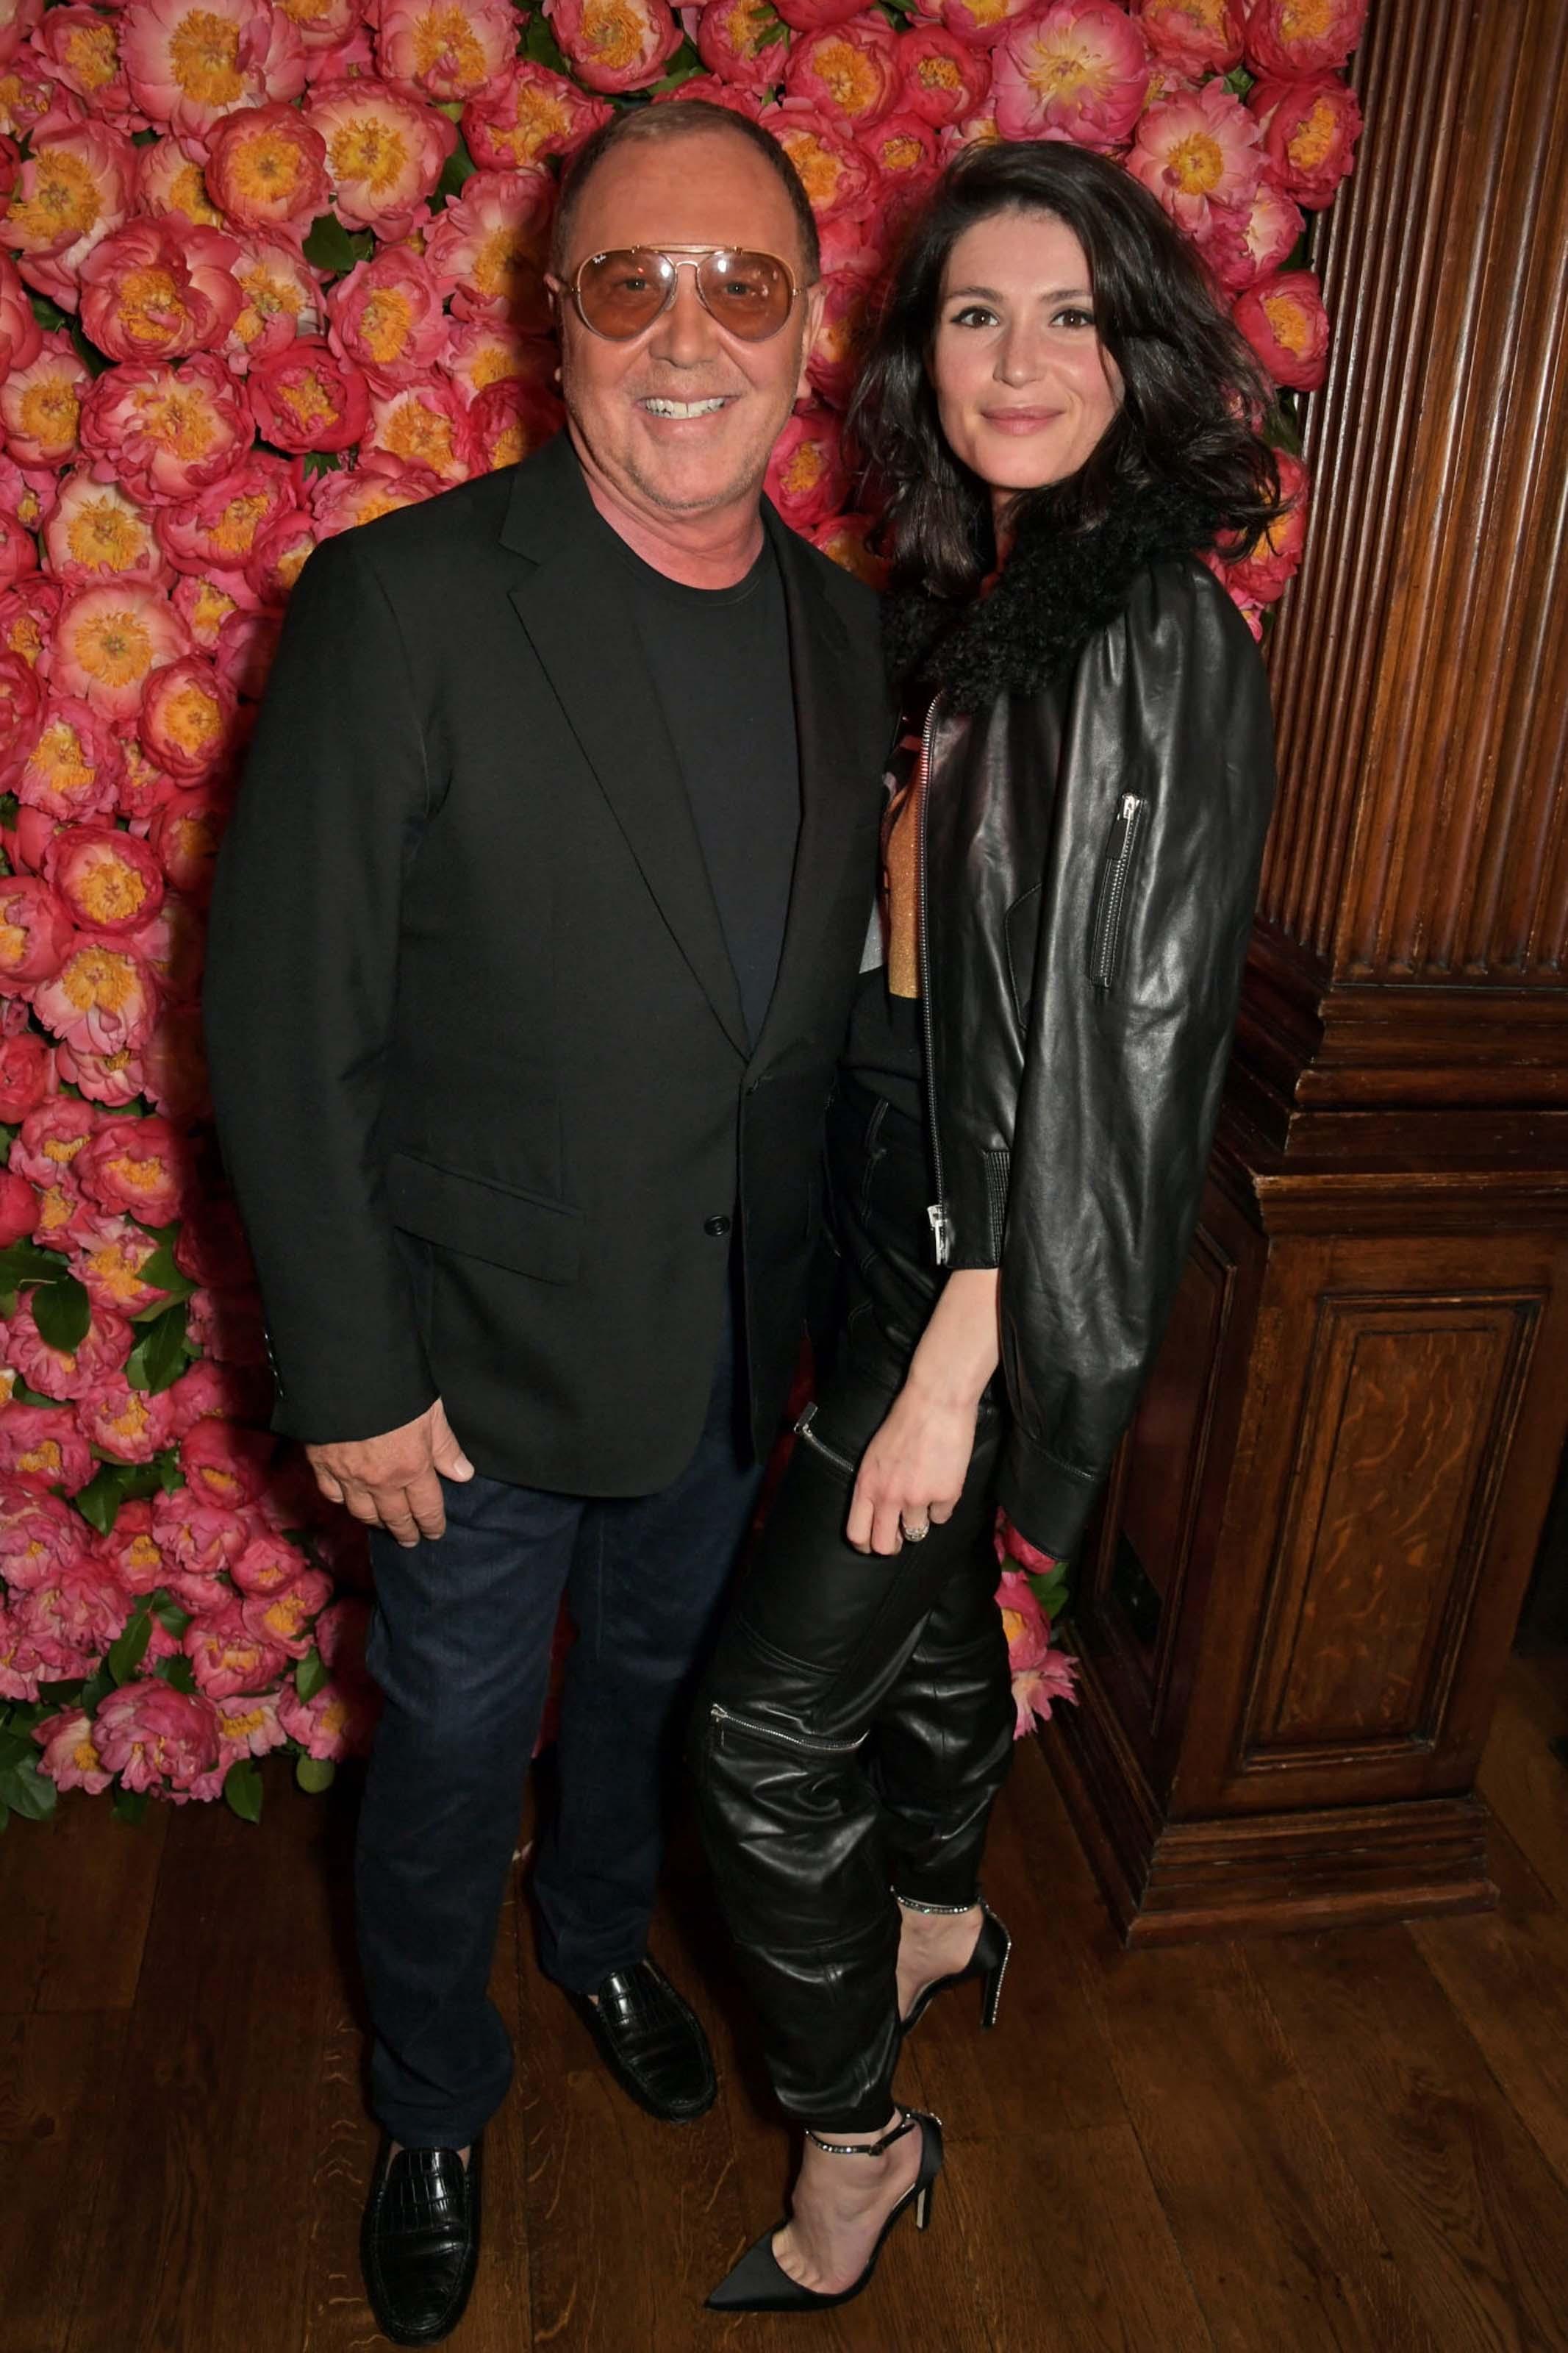 Gemma Arterton attends Michael Kors Dinner Party